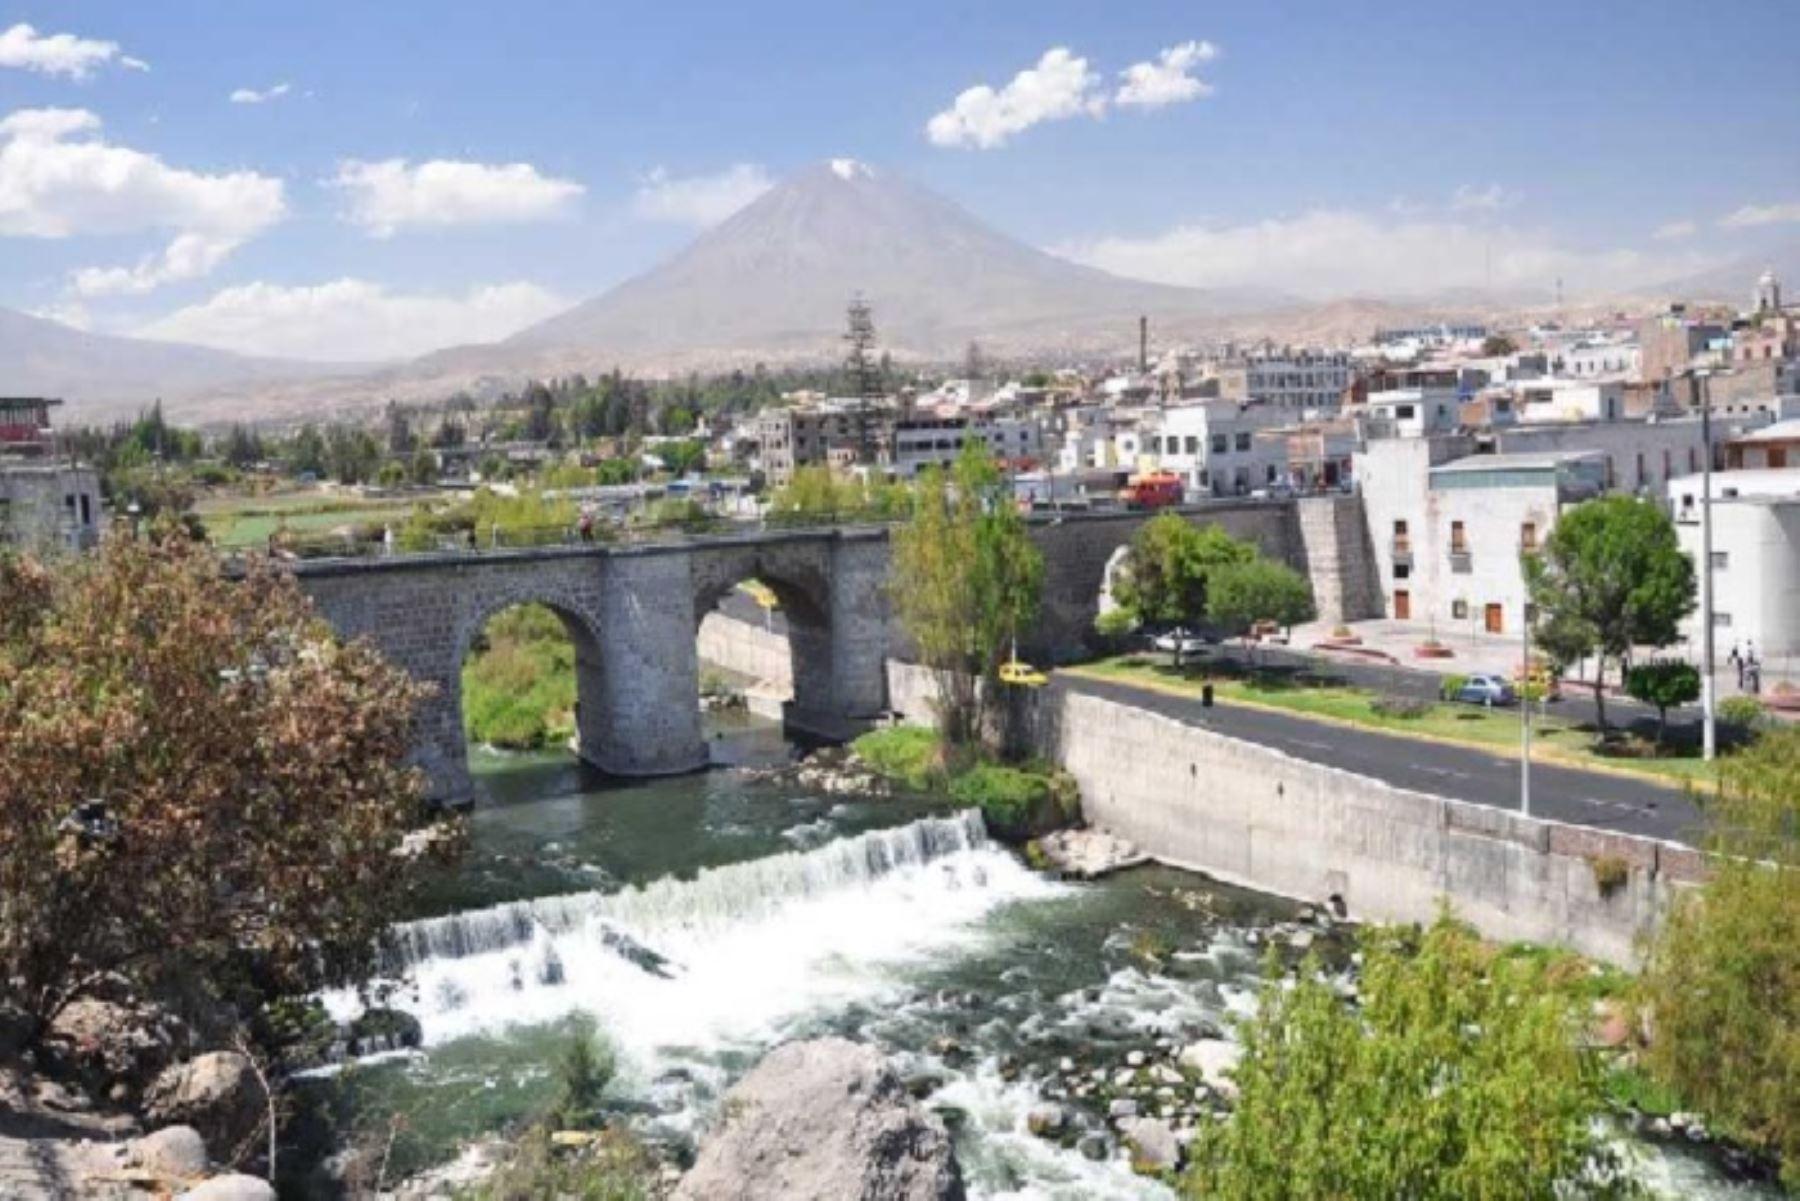 Estudio Vulnerabilidad y Adaptación al Cambio Climático en Arequipa Metropolitana fue publicado por la CAF.